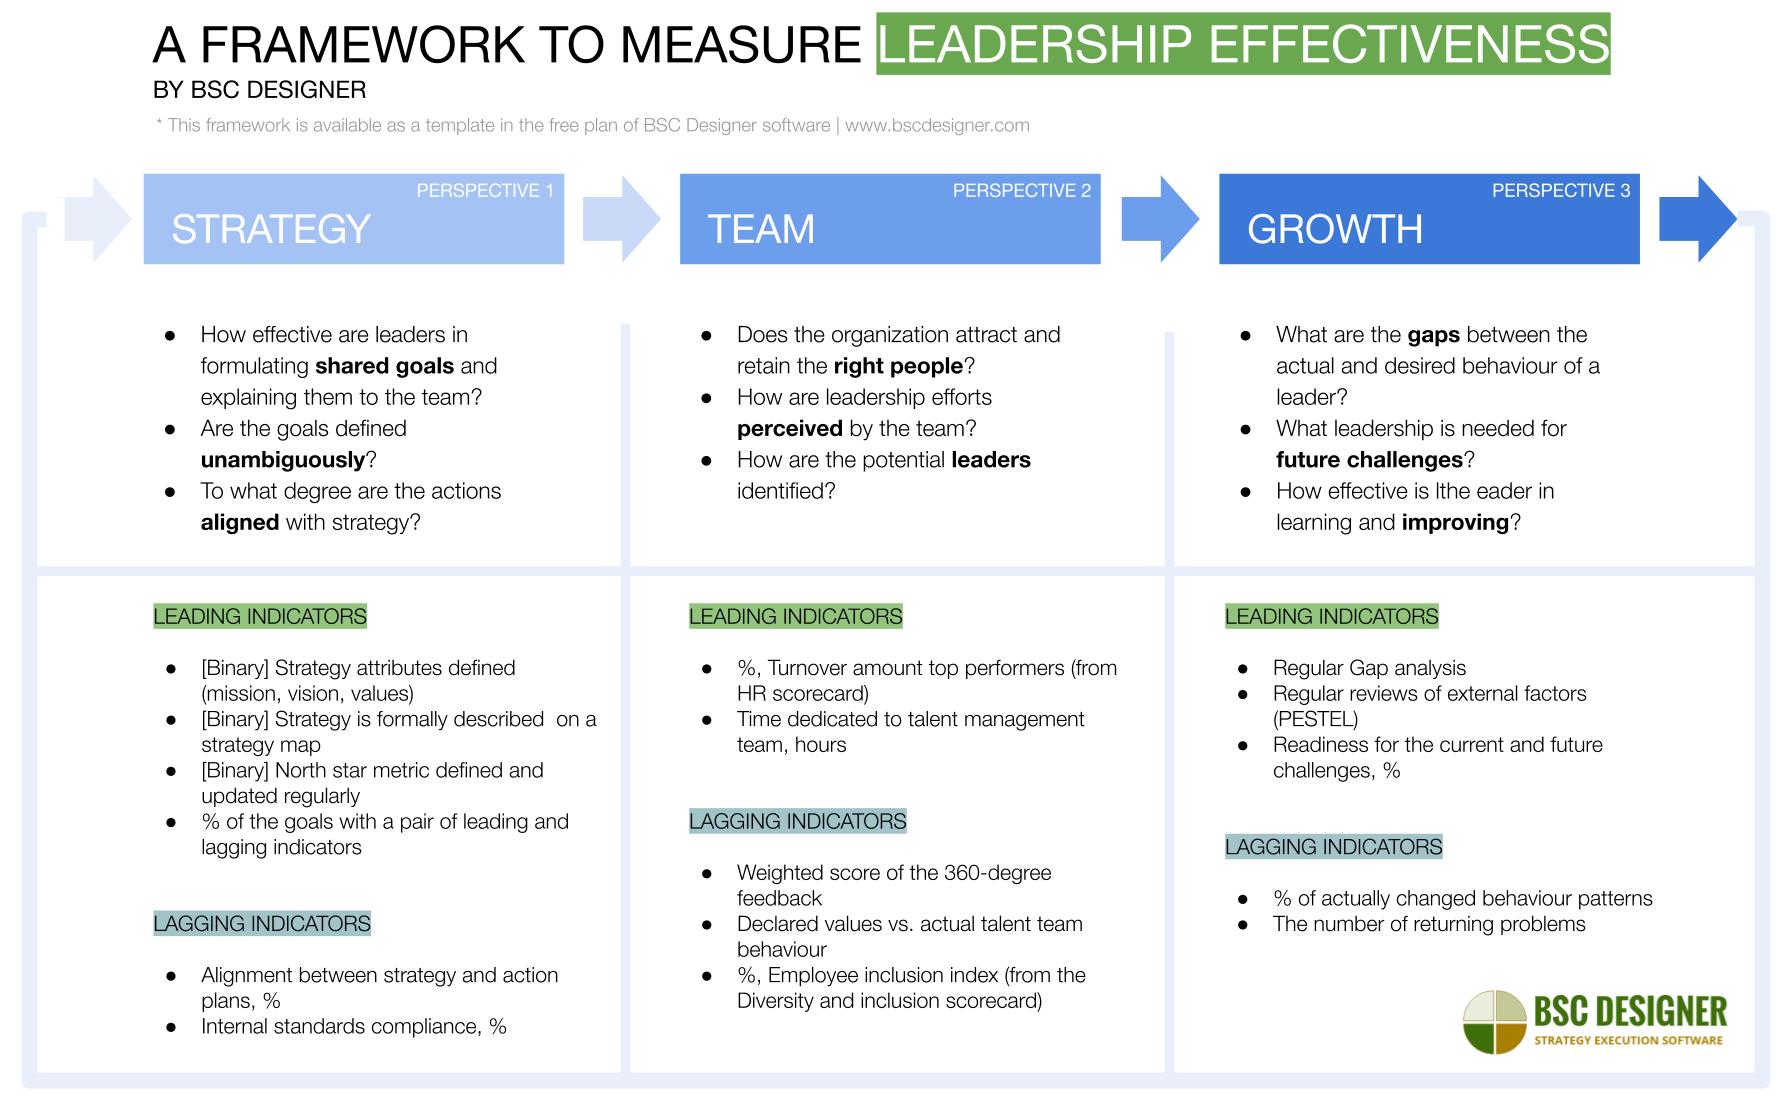 A framework for measuring leadership effectiveness by BSC Designer